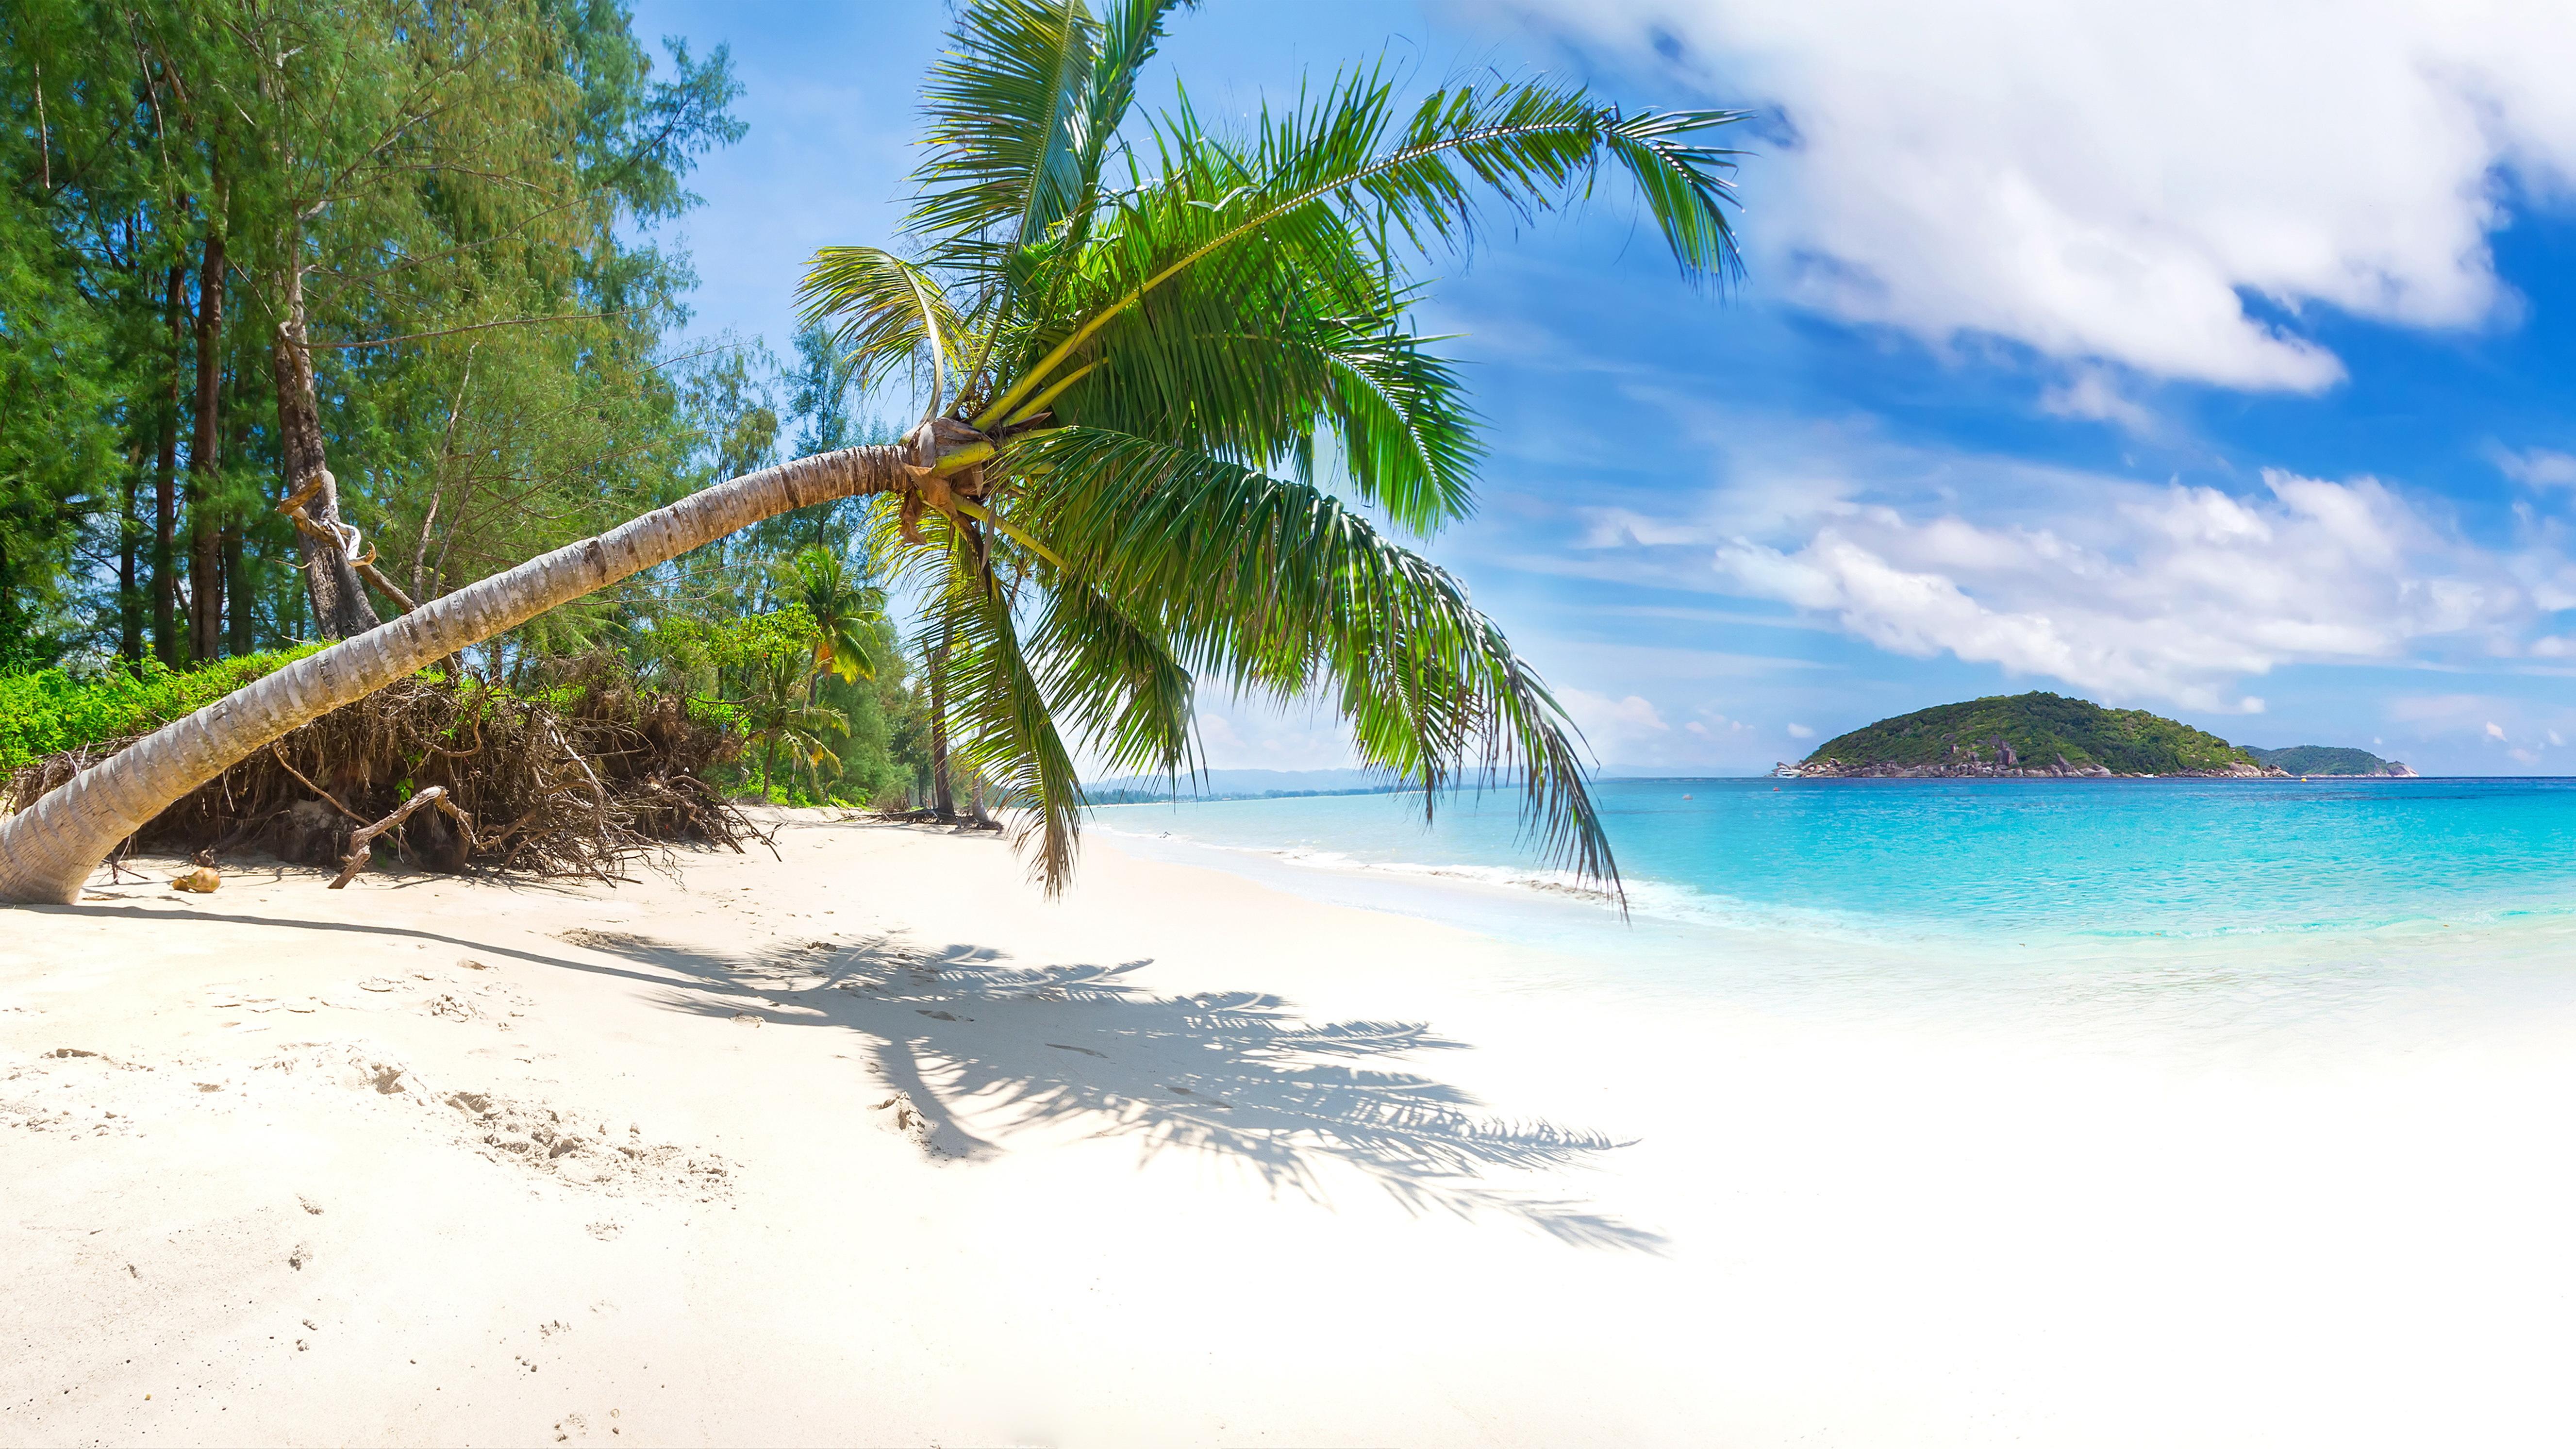 природа песок пляж дома море пальмы  № 3778413  скачать